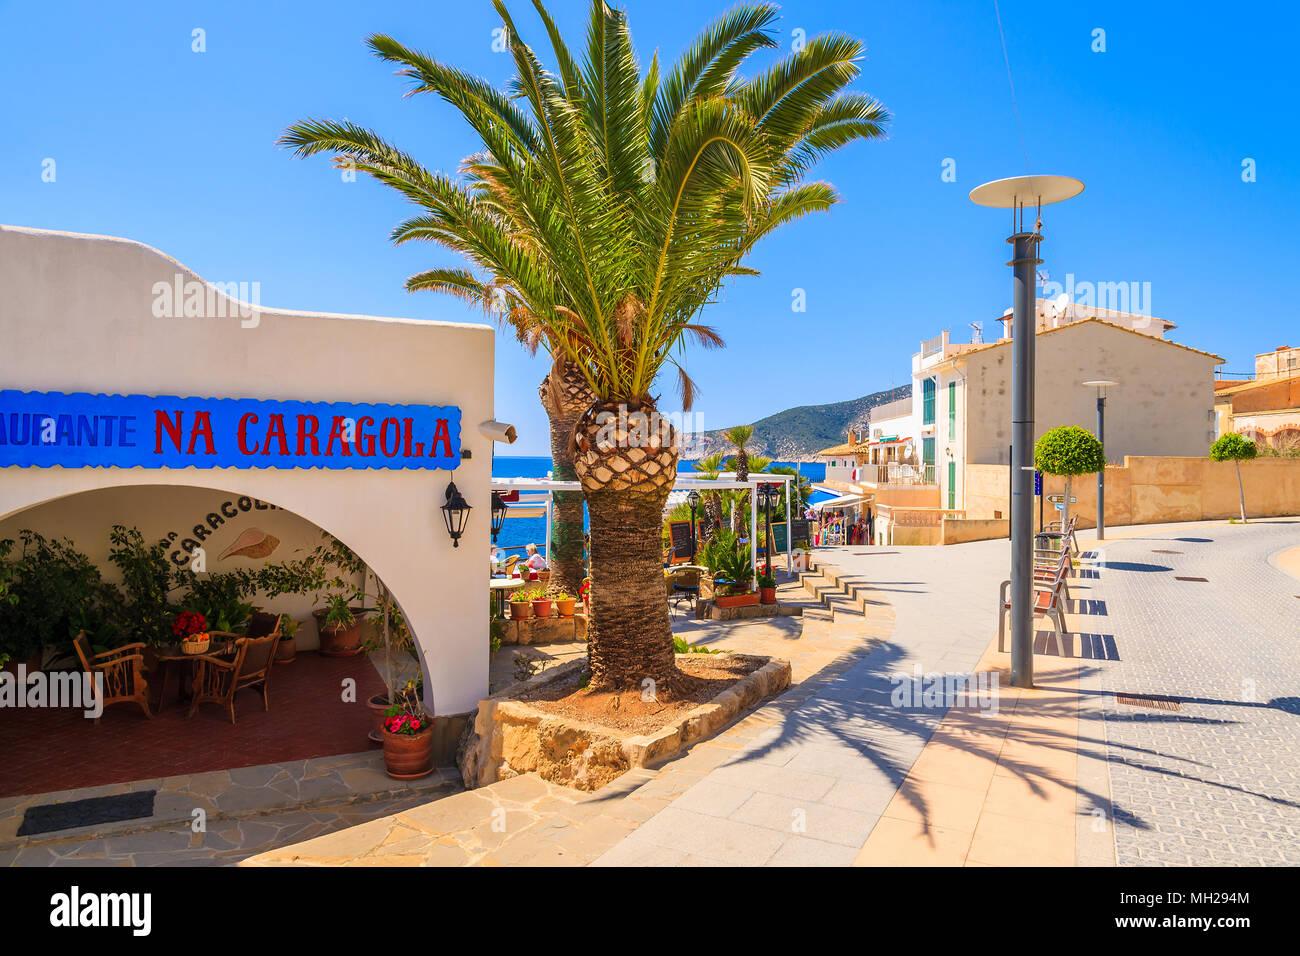 Isola di Maiorca, SPAGNA - Apr 18, 2013: ristorante tipico nella piccola cittadina di Sant Elm sulla soleggiata bellissima giornata. Questa isola spagnola è il più visitato da banco Immagini Stock